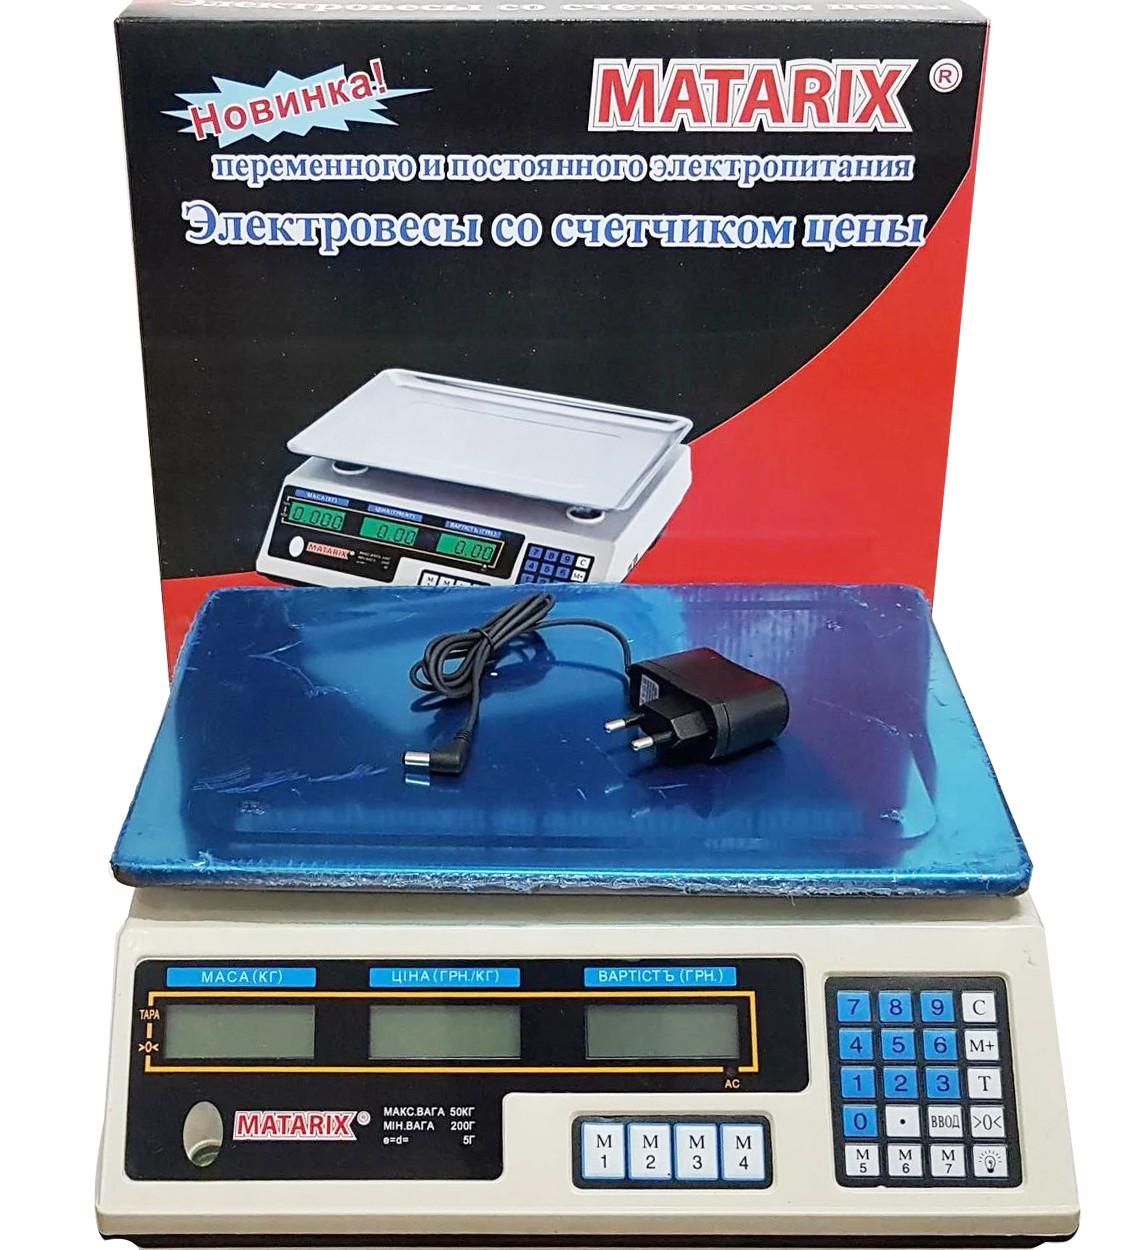 Весы торговые электронные со счетчиком цены на 50кг MATARIX